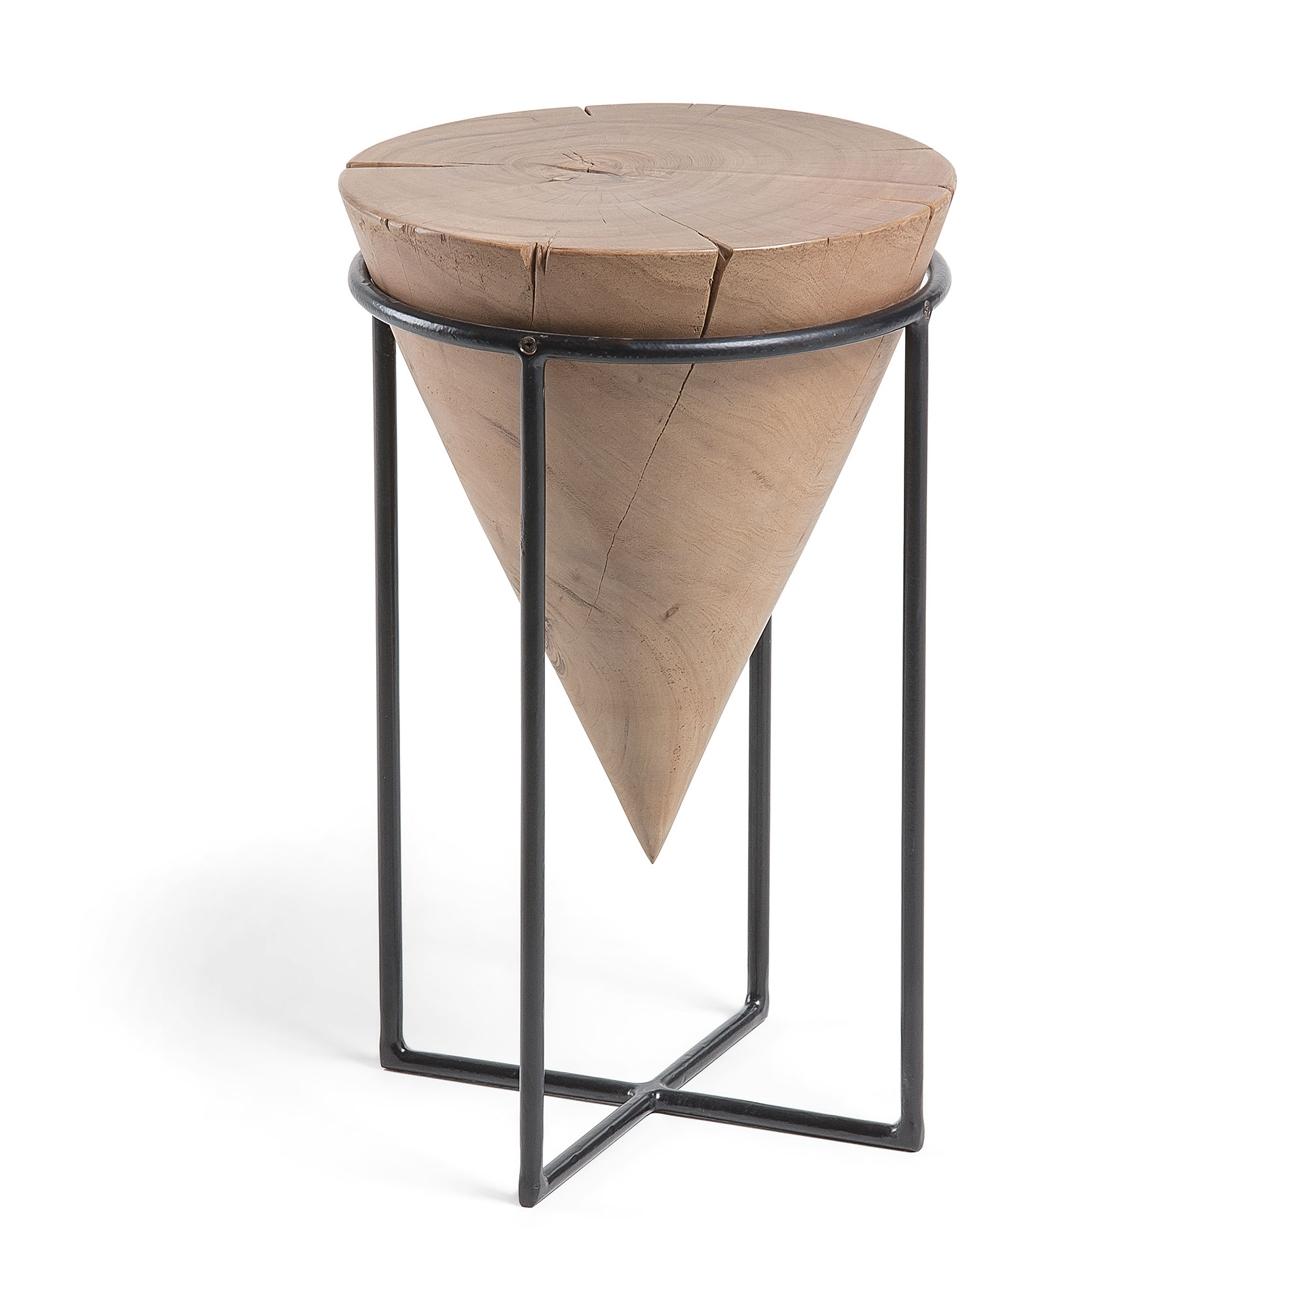 JAYD Mesa auxiliar  - JAYD Mesa auxiliar metal madera acacia